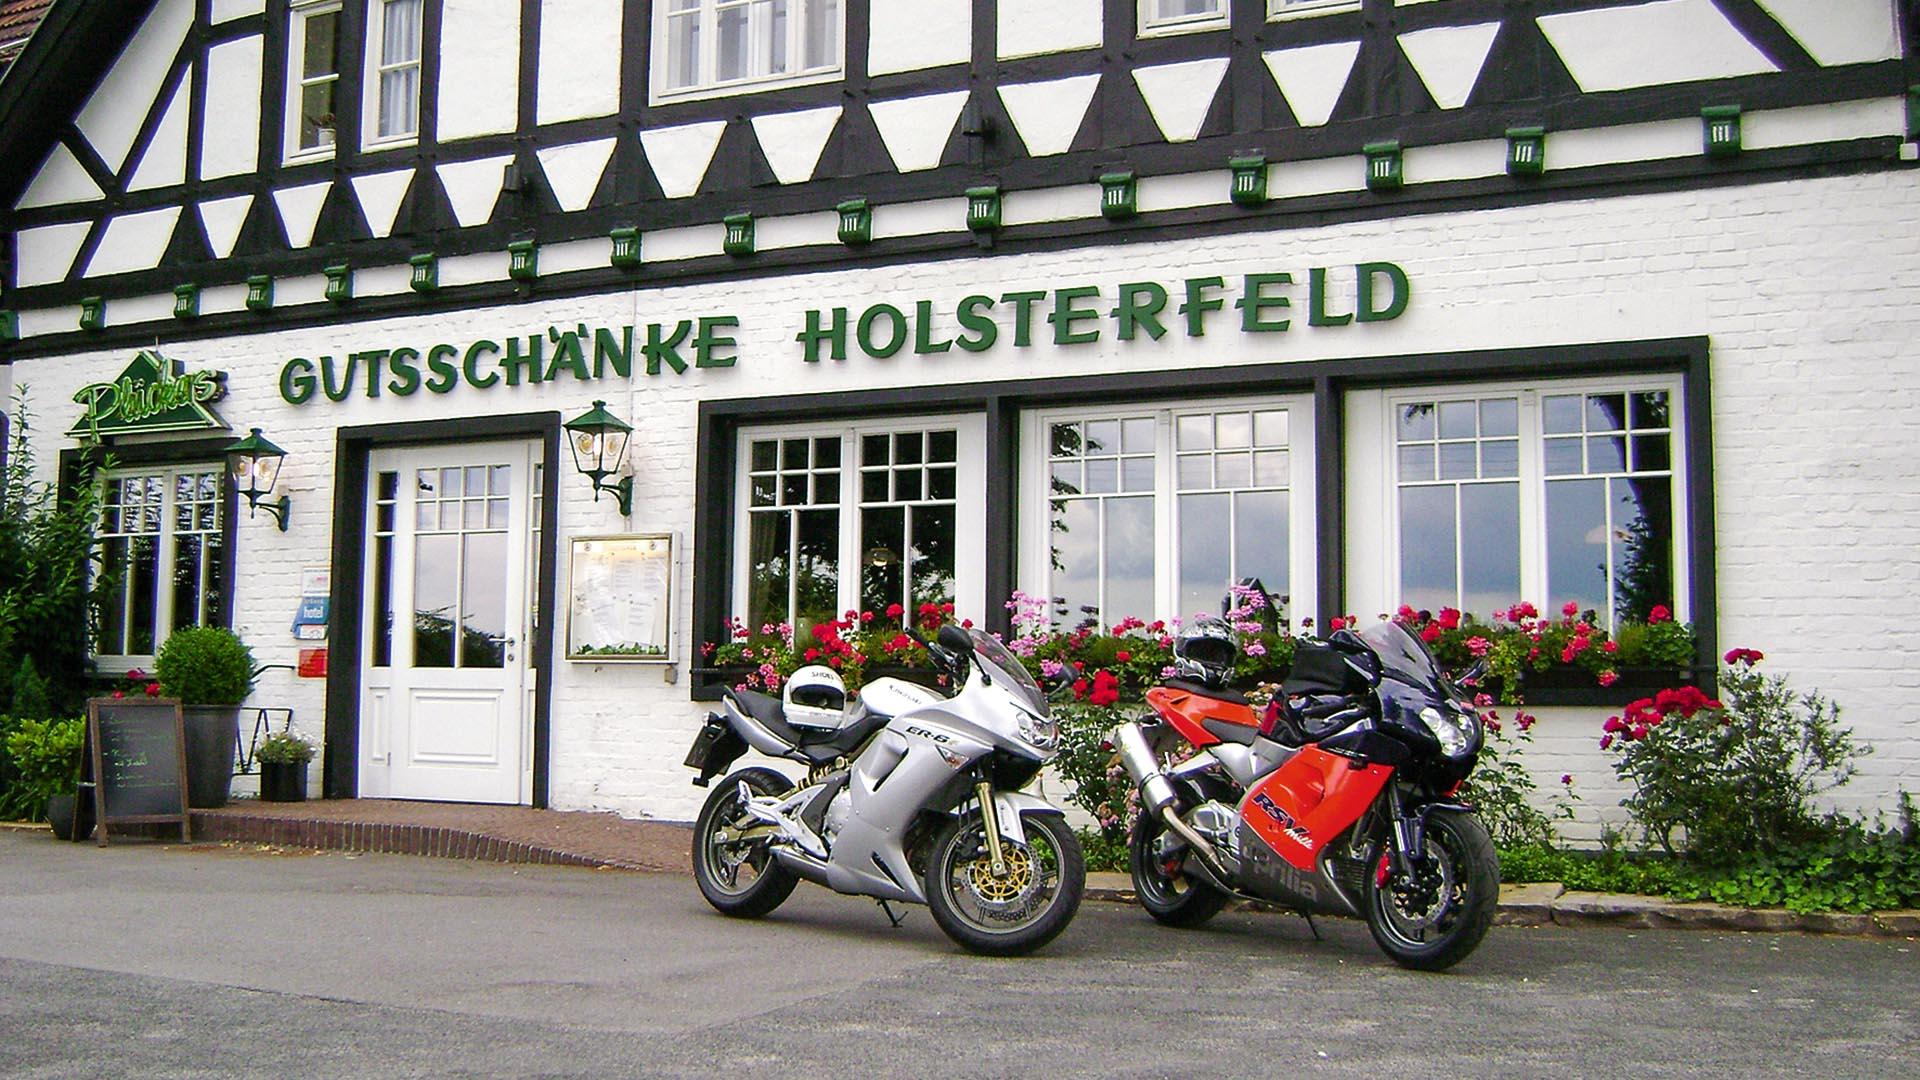 TOURENFAHRER-Hotels: Gutsschänke Holsterfeld - Emsland - Deutschland